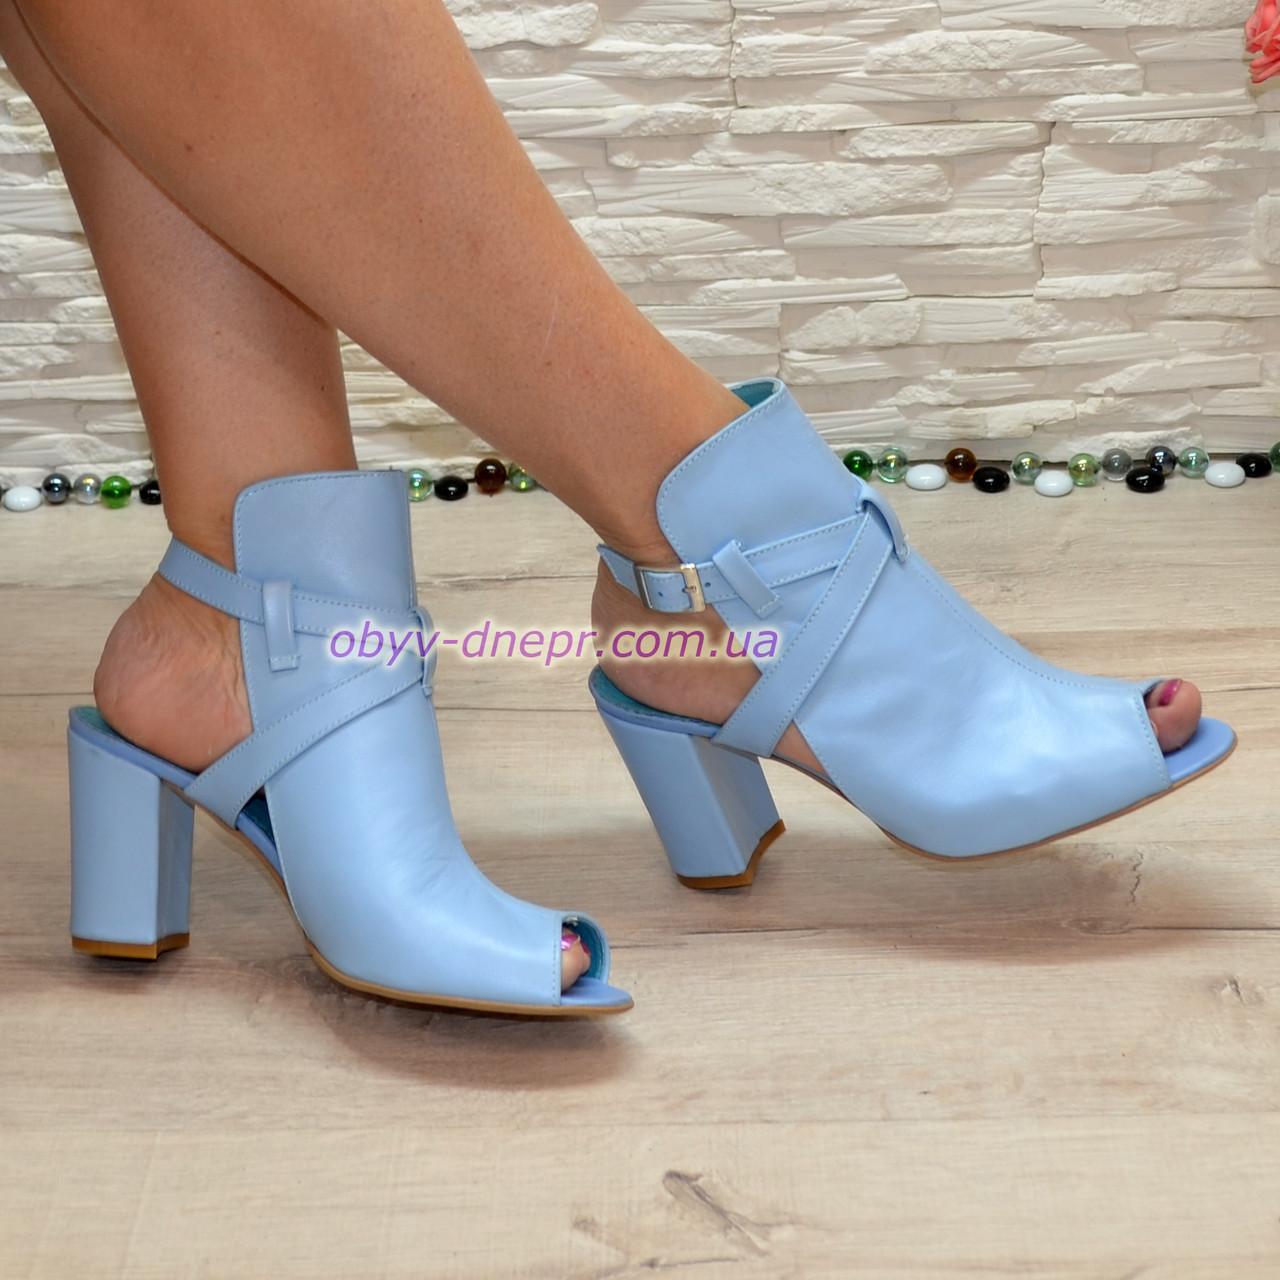 Женские кожаные босоножки на высоком устойчивом каблуке, цвет голубой